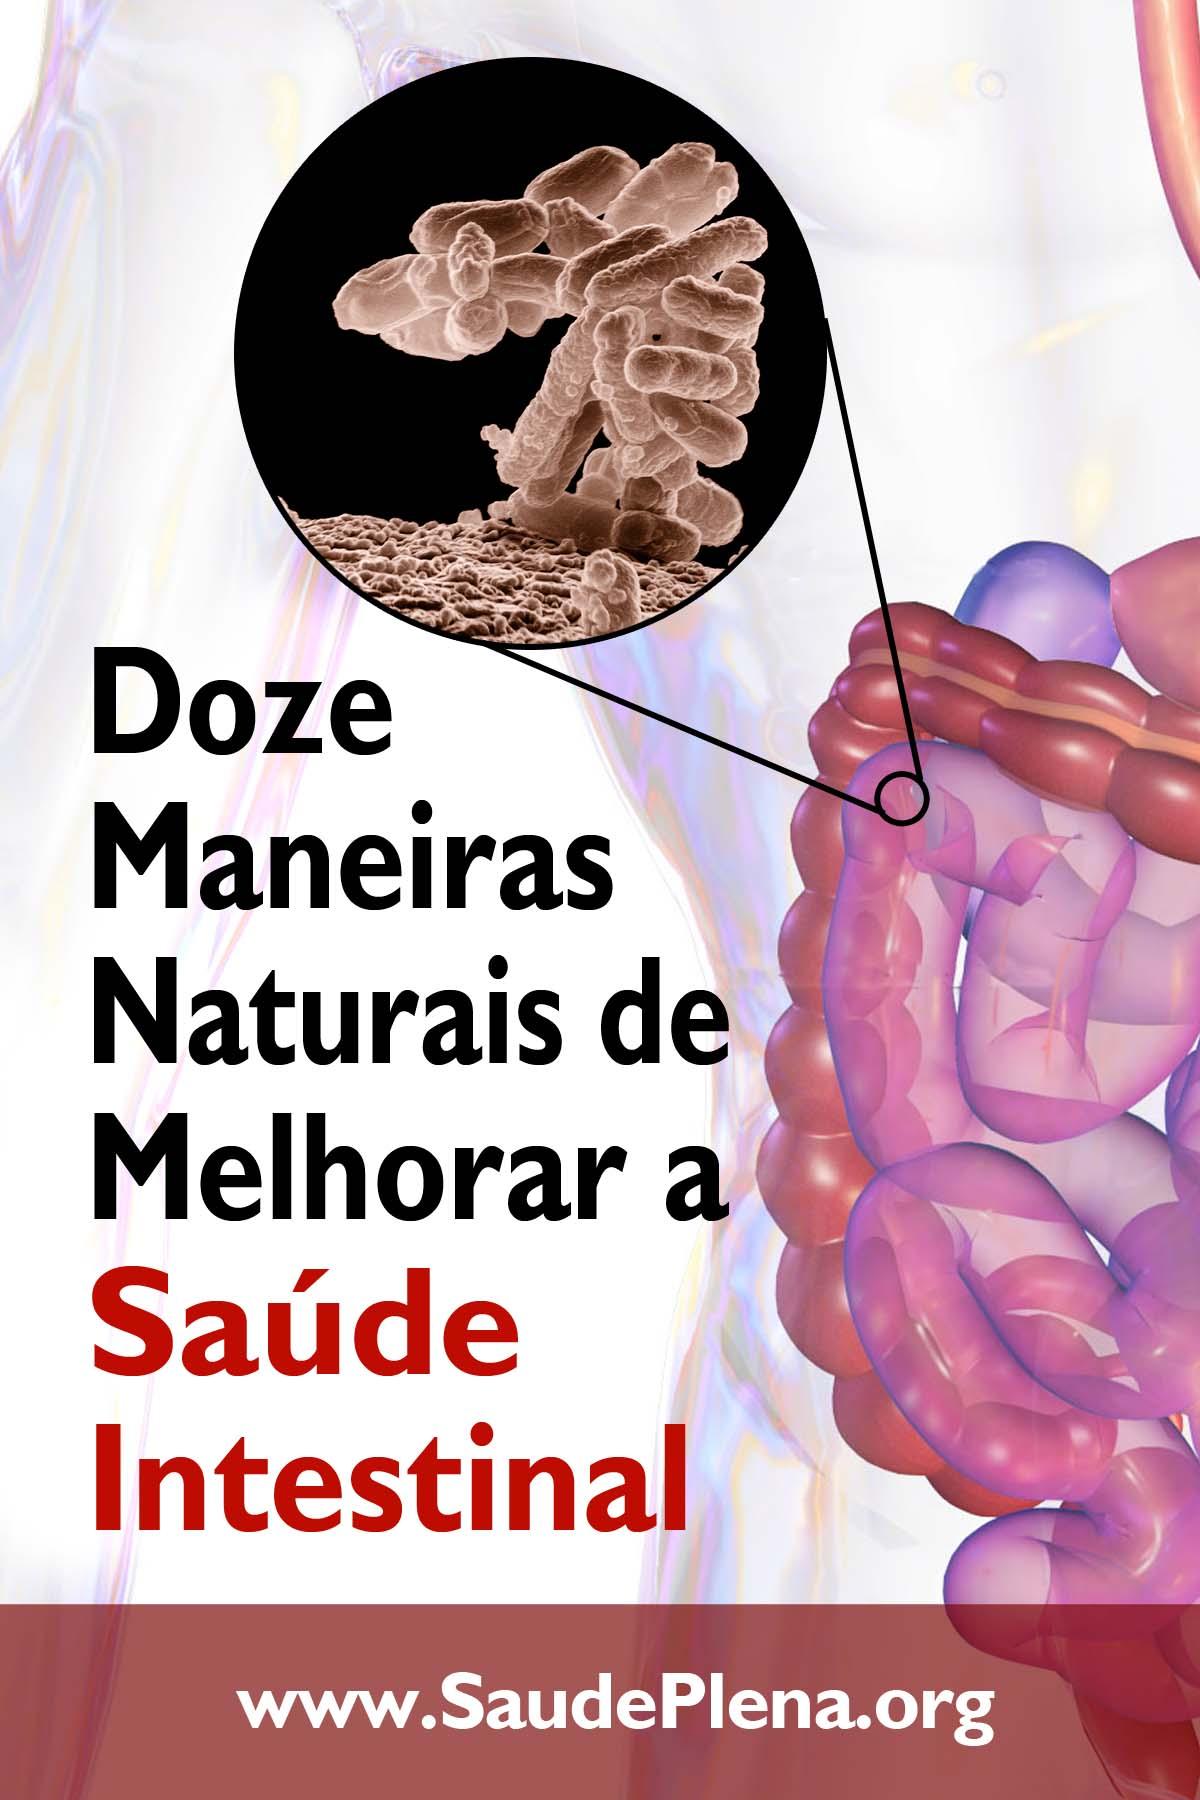 Doze Maneiras Naturais de Melhorar a Saúde Intestinal